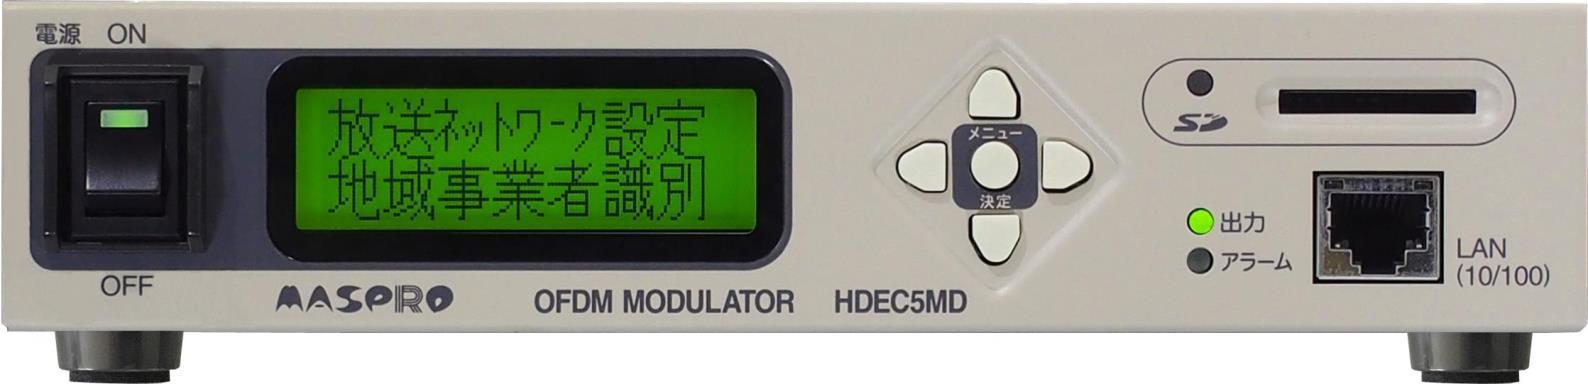 〔送料無料〕 マスプロ 館内OFDM自主放送システム HDエンコーダー内蔵OFDM変調器 HDEC5MD-OP (HDCP対応)(HDEC3MD-MO 後継品)